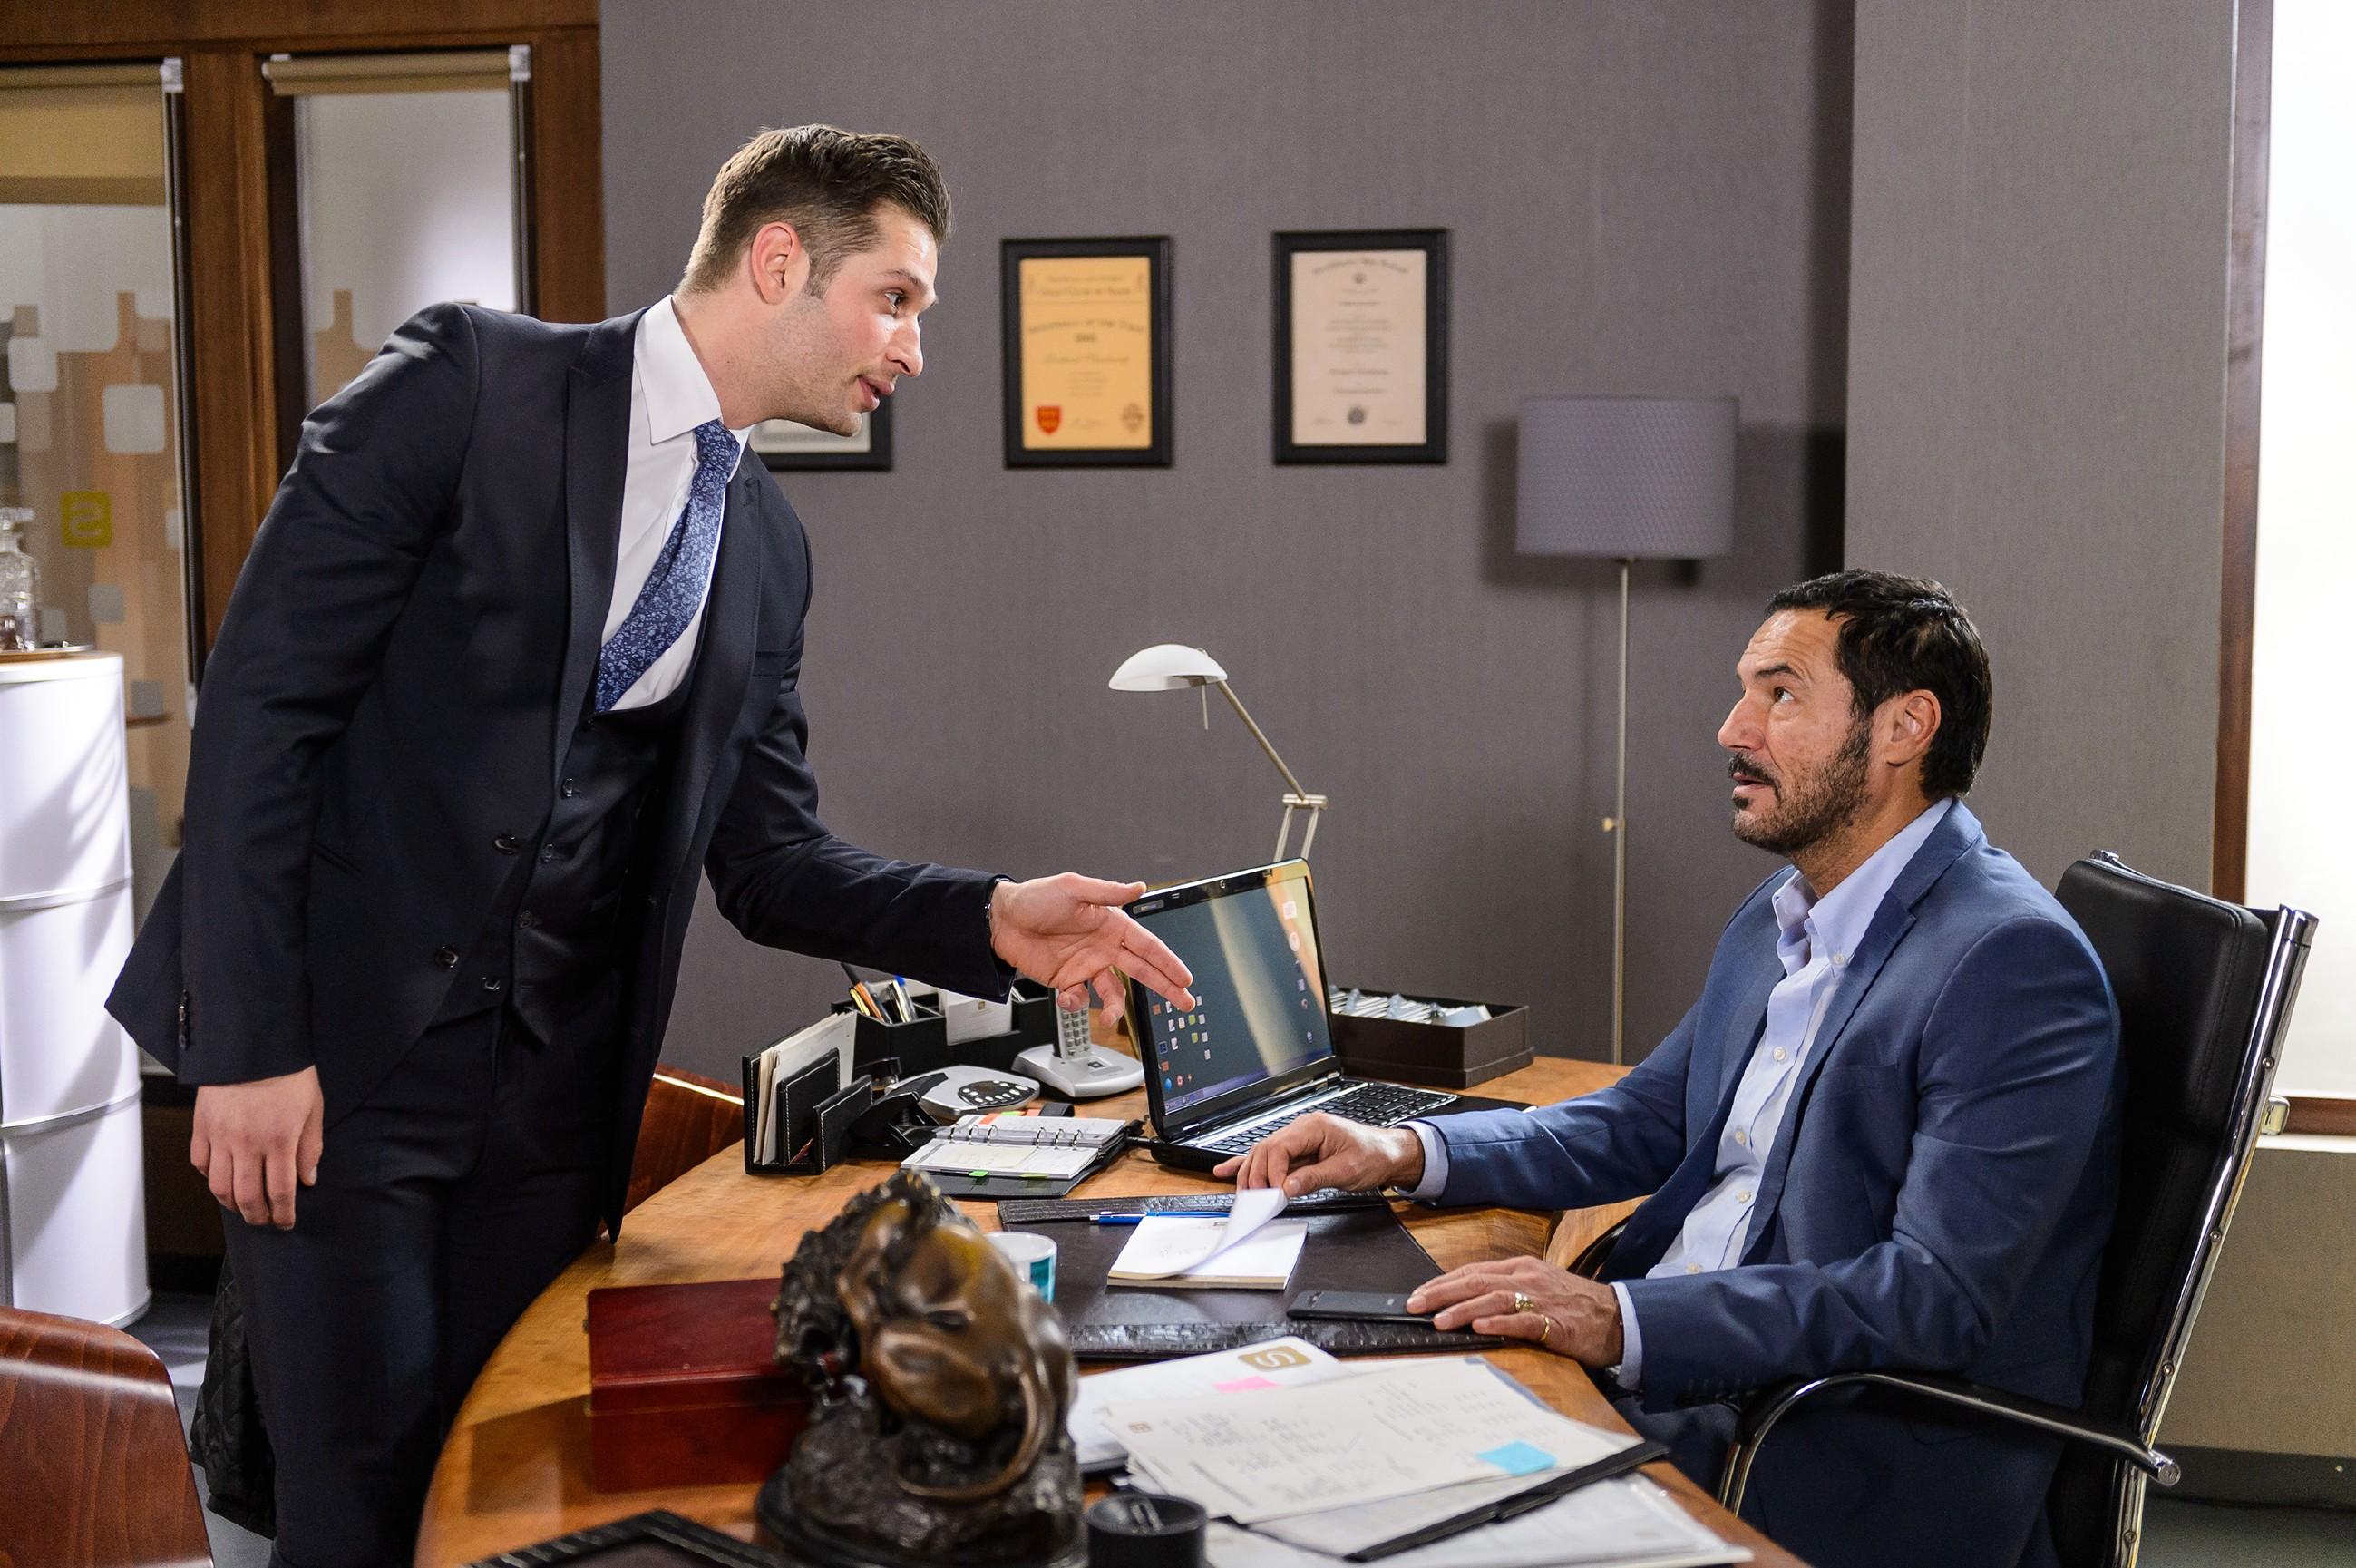 Deniz (Igor Dolgatschew, l.) kann nicht fassen, mit welcher Selbstverständlichkeit Richard (Silvan-Pierre Leirich) davon ausgeht, dass er sich erneut mit einem Jobversprechen abspeisen lässt und kündigt kurzerhand seinen Job als Marketing-Chef... (Quelle: RTL / Willi Weber)